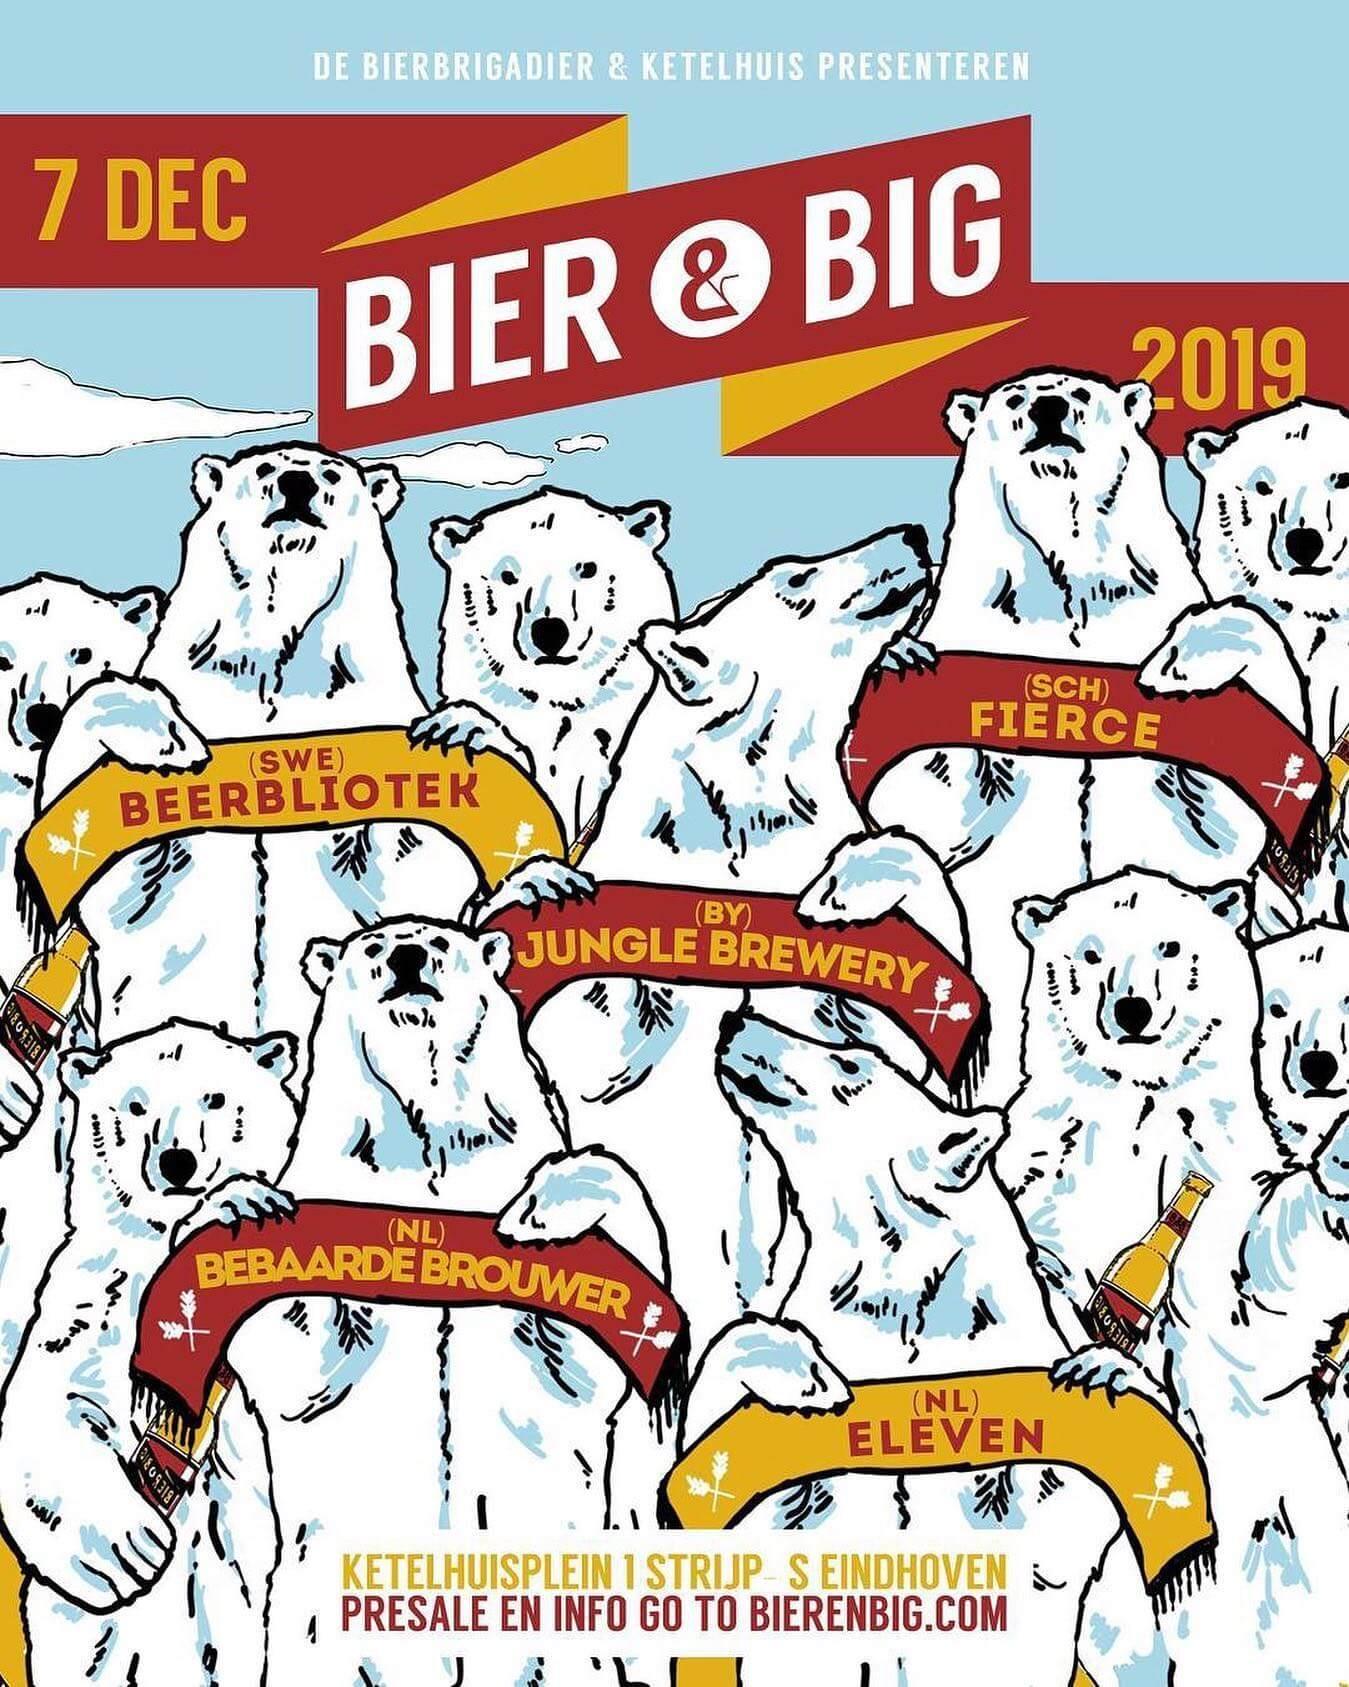 Bier & Big